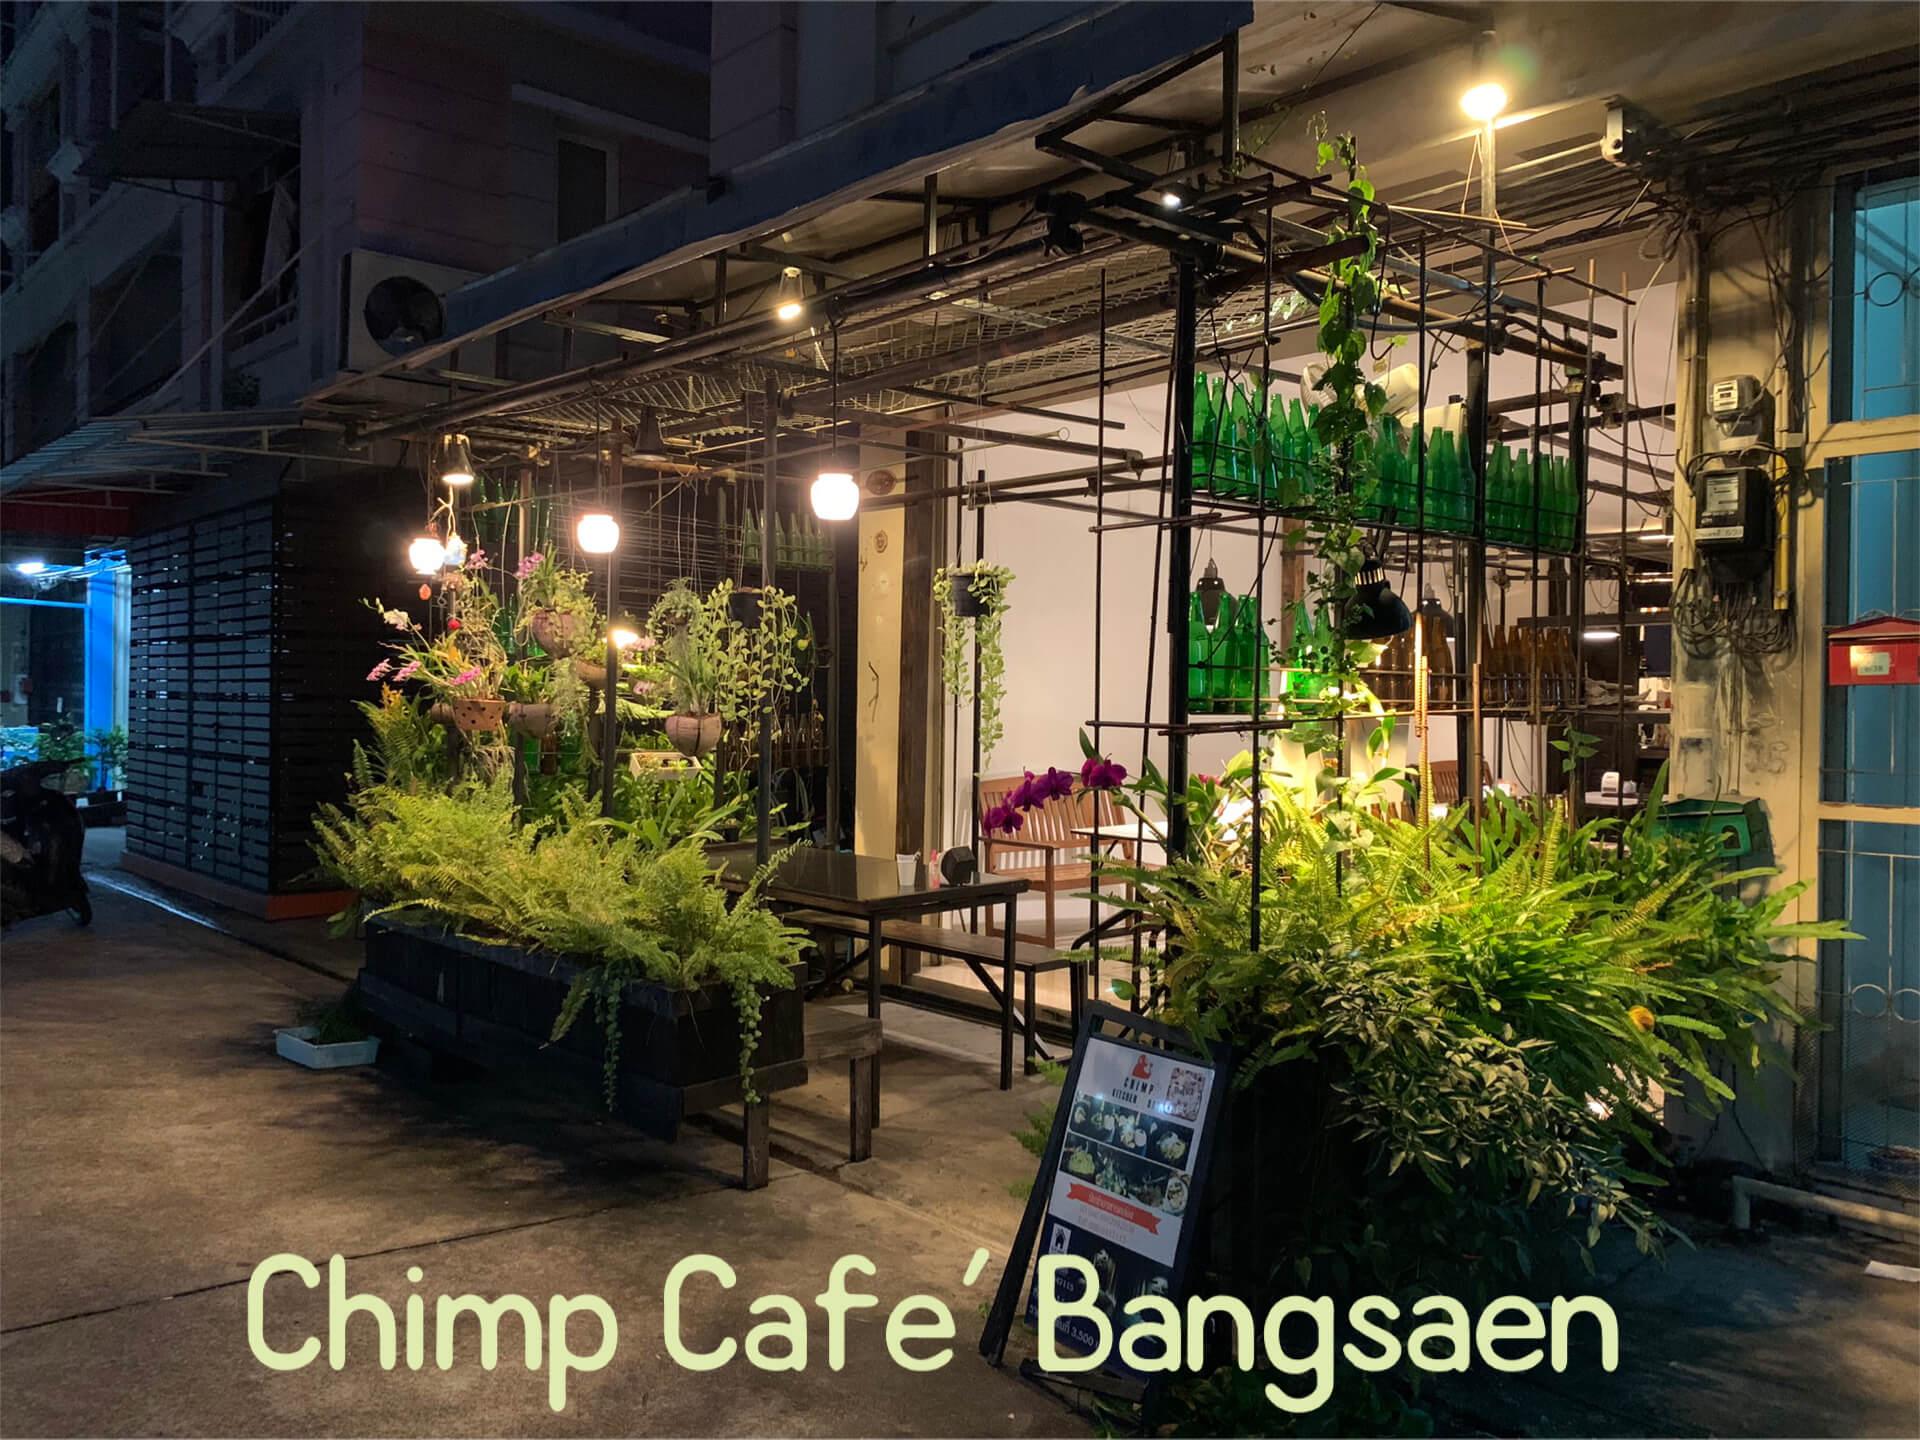 Chimp Café